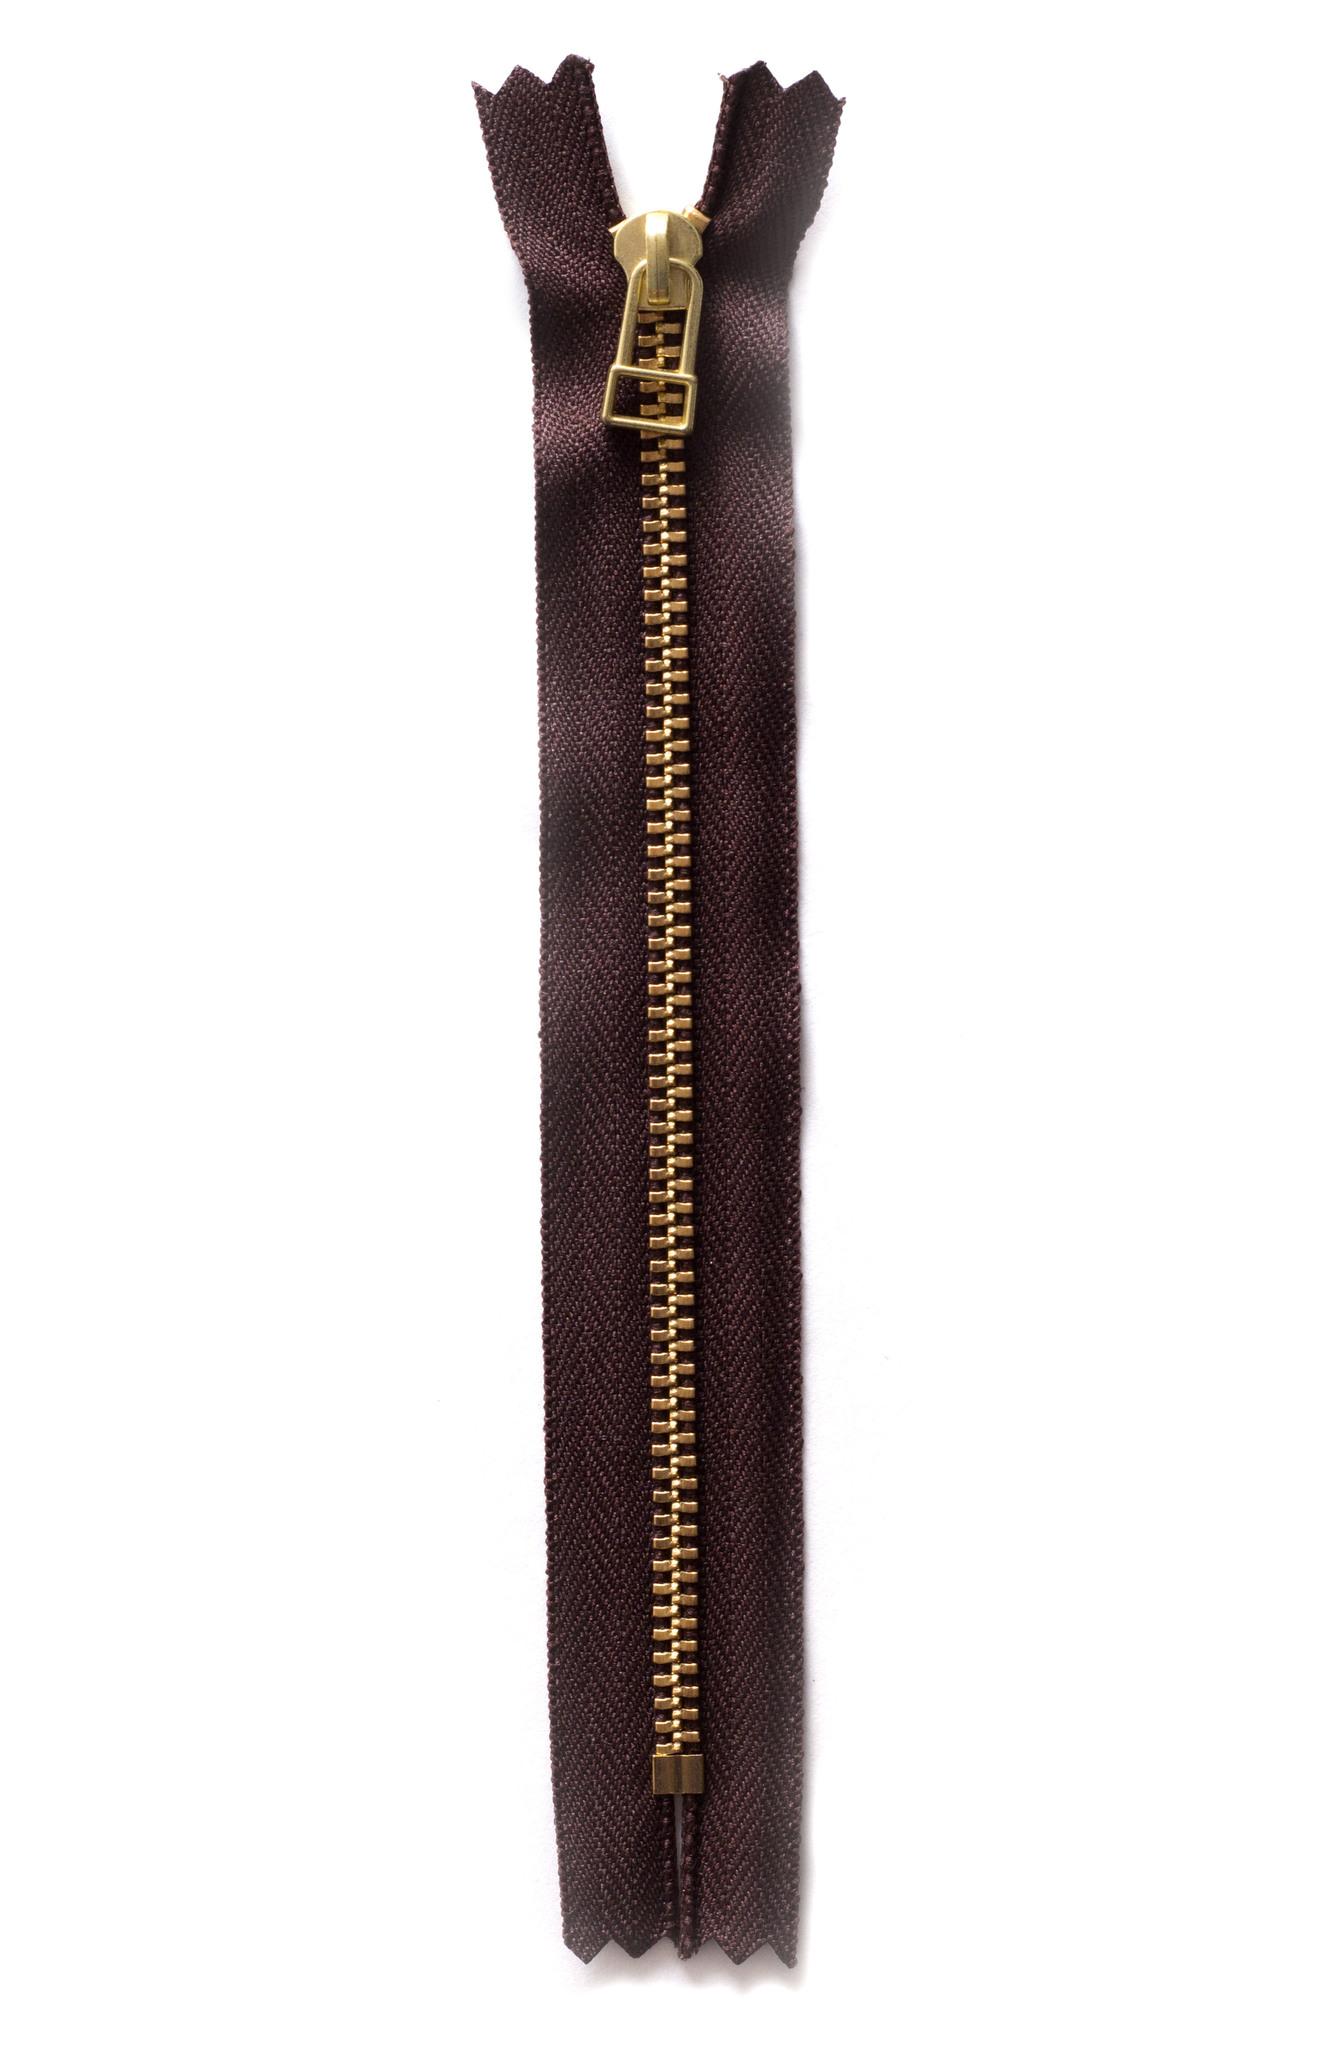 Молния YKK 16 см. тип 3, коричневый цв.